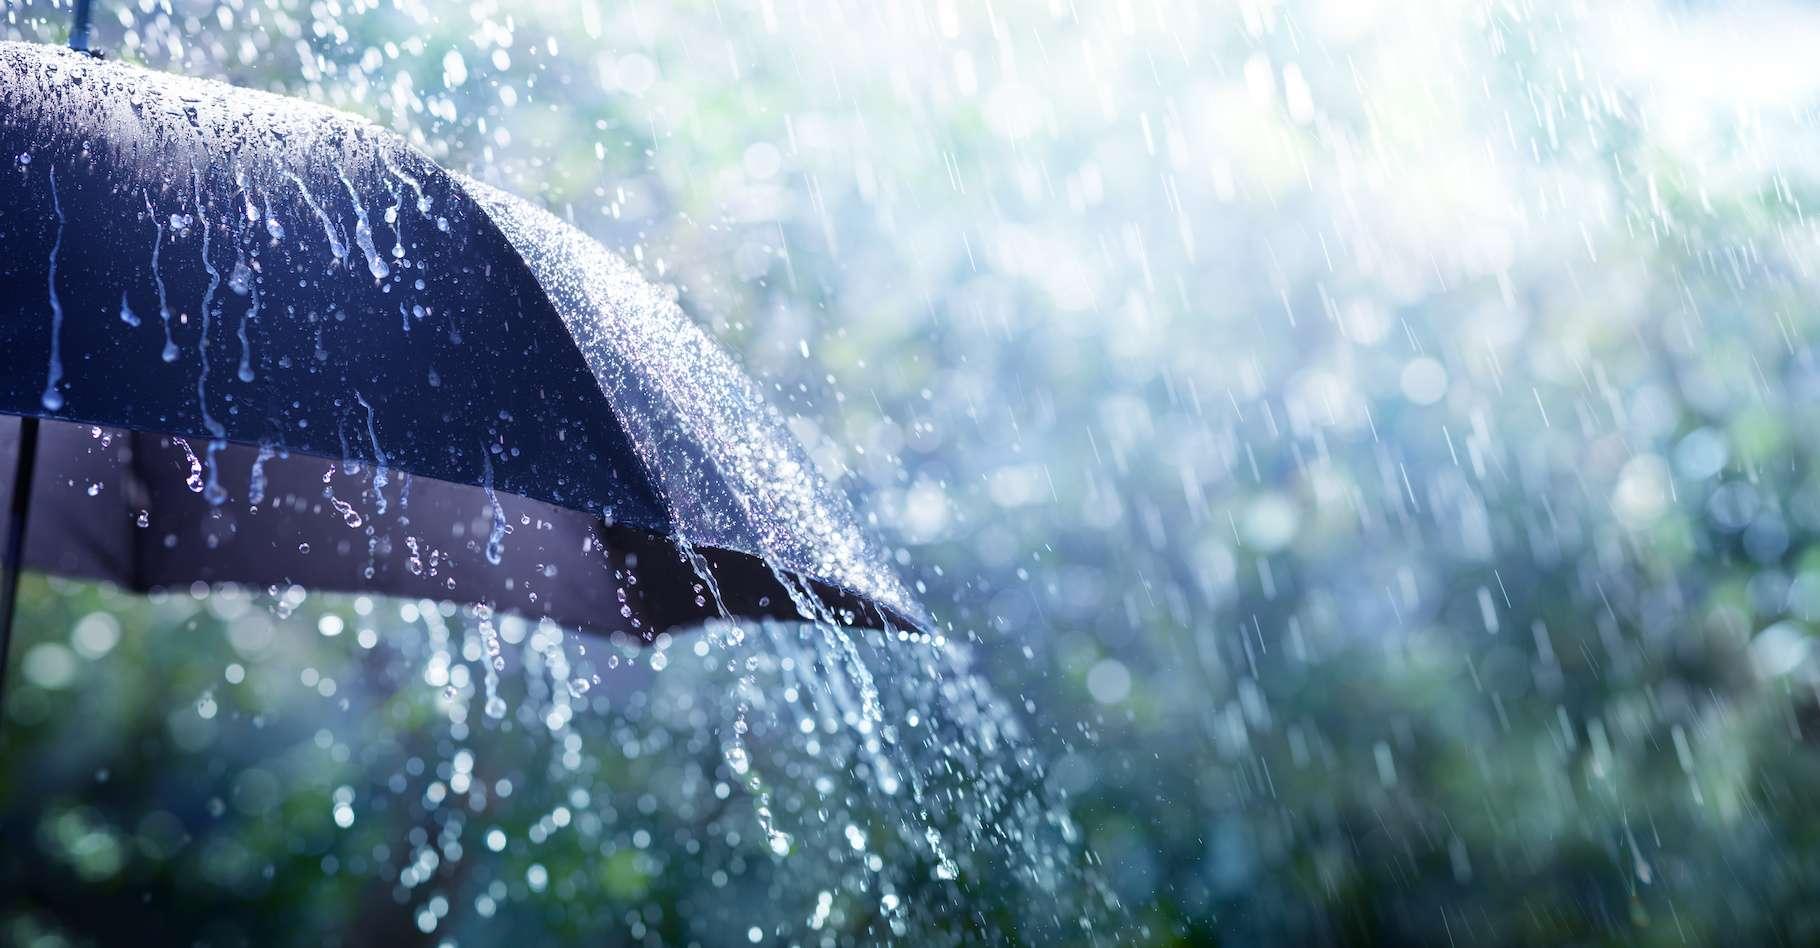 De fortes pluies se sont de nouveau abattues sur le sud-est de la France ces derniers jours. © Romolo Tavani, Adobe Stock